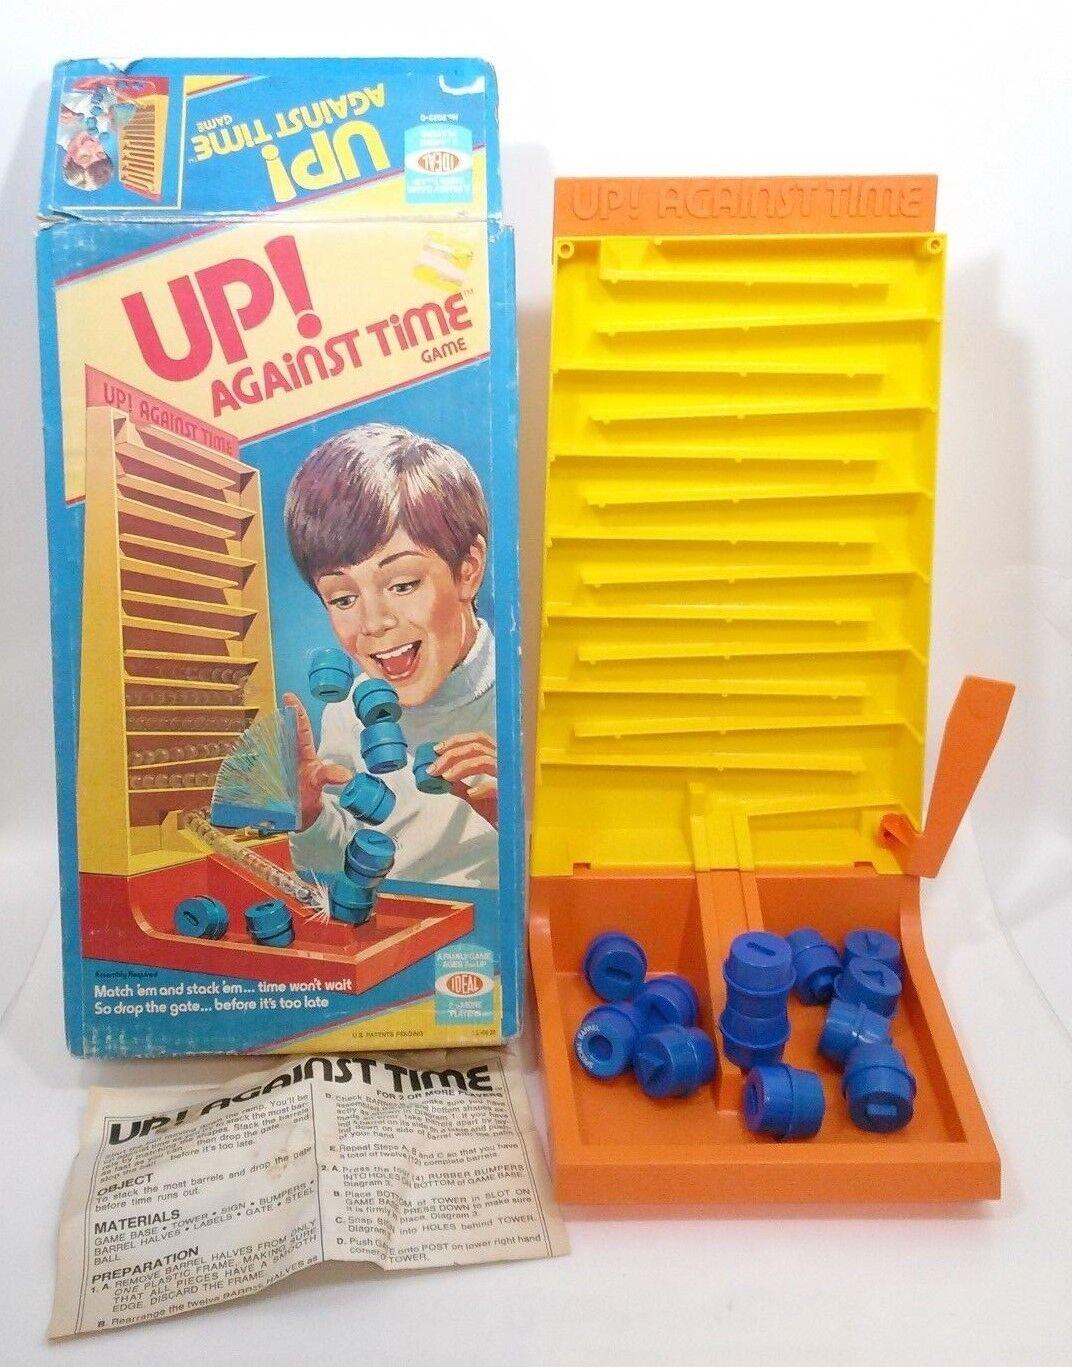 Centro comercial profesional integrado en línea. Vintage 1977 contra el tiempo juego.. Ideal Ideal Ideal Juguetes  marca de lujo